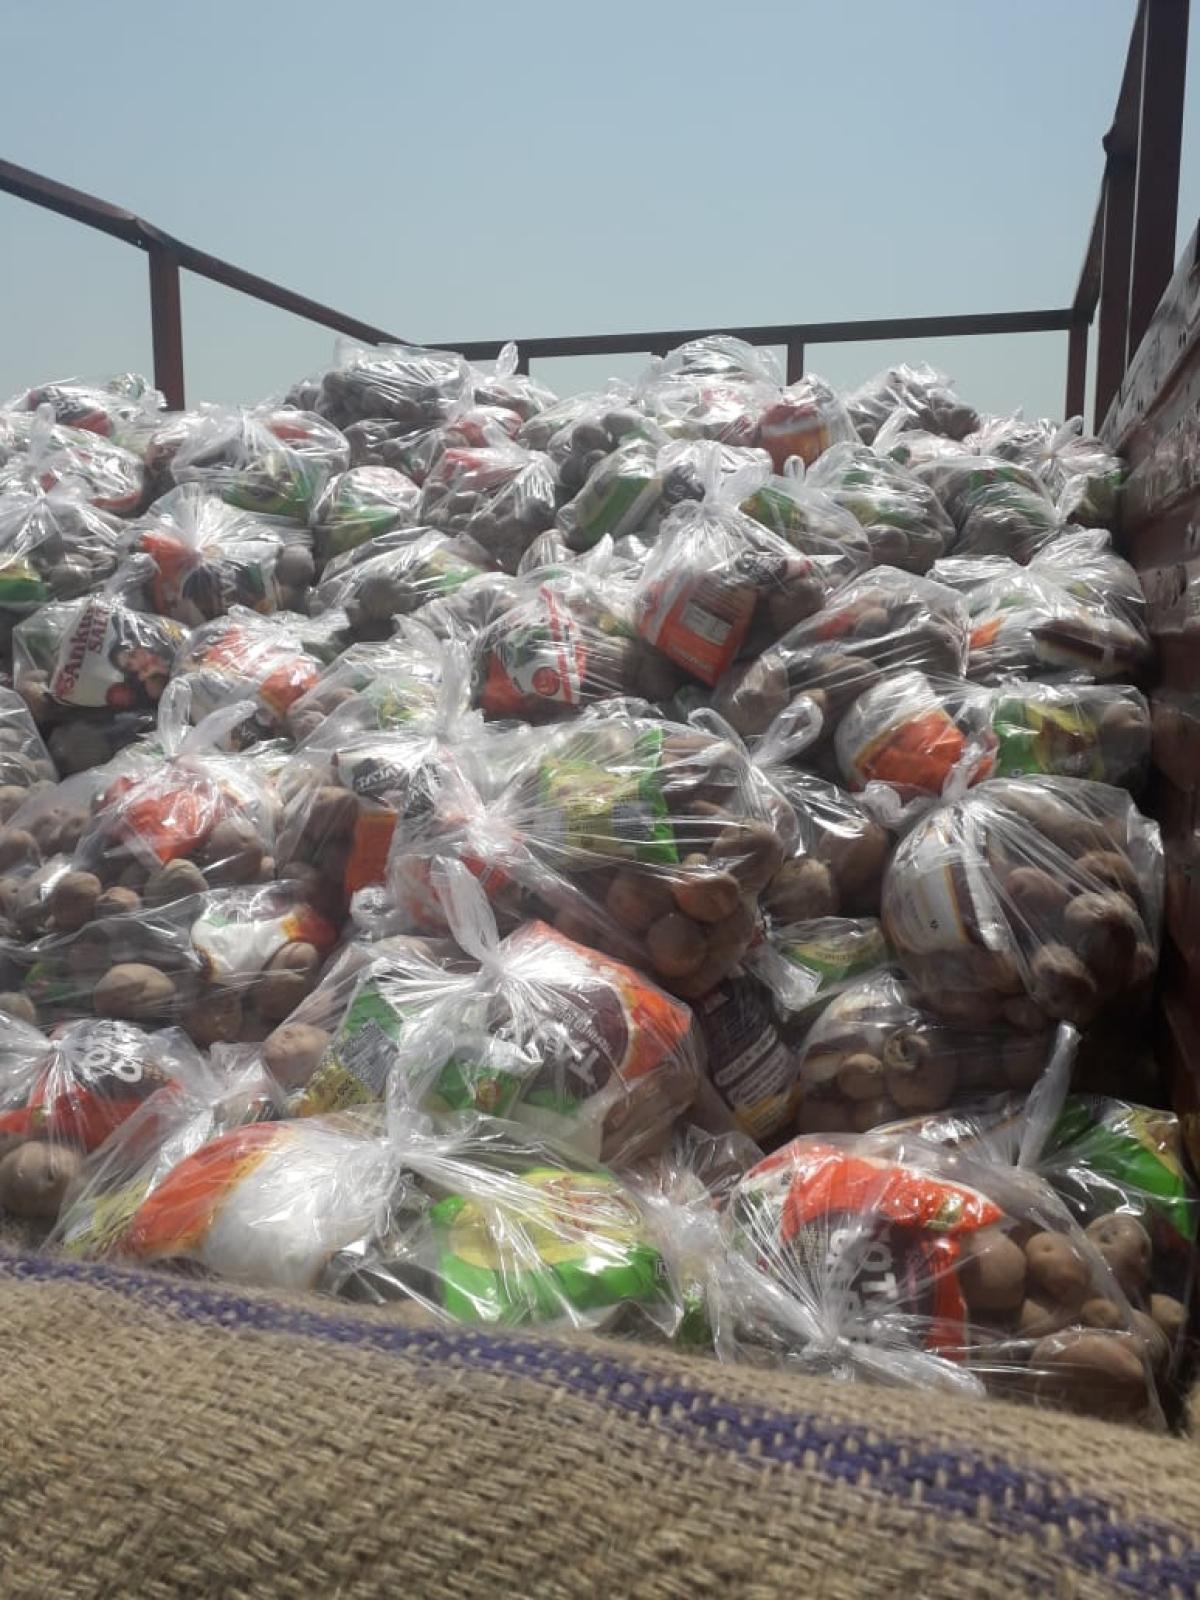 कोरोना संकट:NCL परिवार नेअसहाय एवं गरीबों की मदद के लिए बढ़ाए हाथ